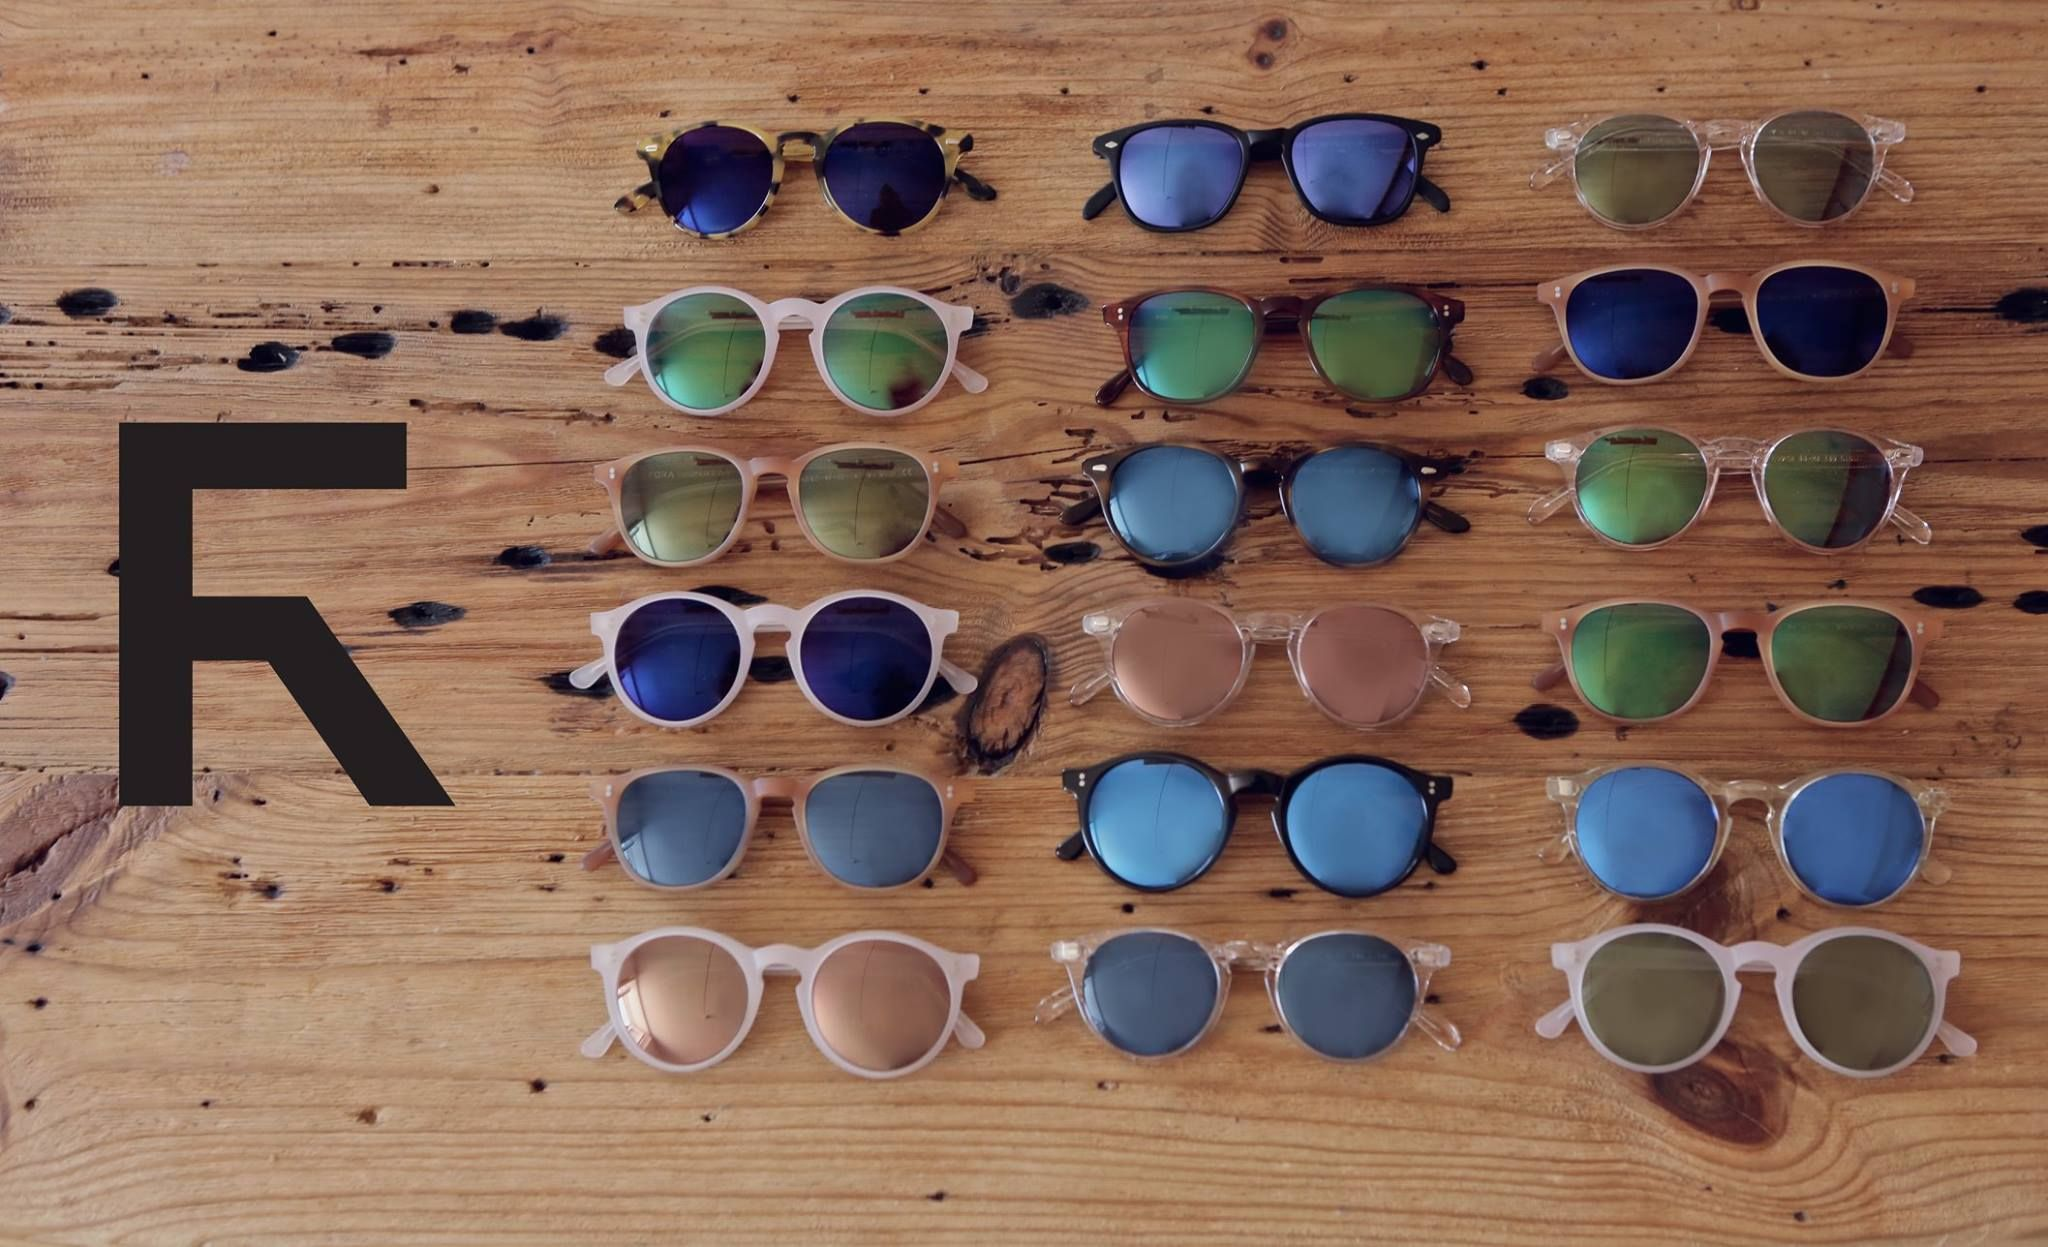 FORA sunglasses // Limited Edition   Edição muito limitada de alguns modelos já disponível na nossa loja do Príncipe Real!   Rua da Escola Politécnica, Nº46  todos os dias das 12h às 20h  #FORAsunglasses #LimitedEdition #EntreTanto #PrincipeReal #Lisbon #Portugal